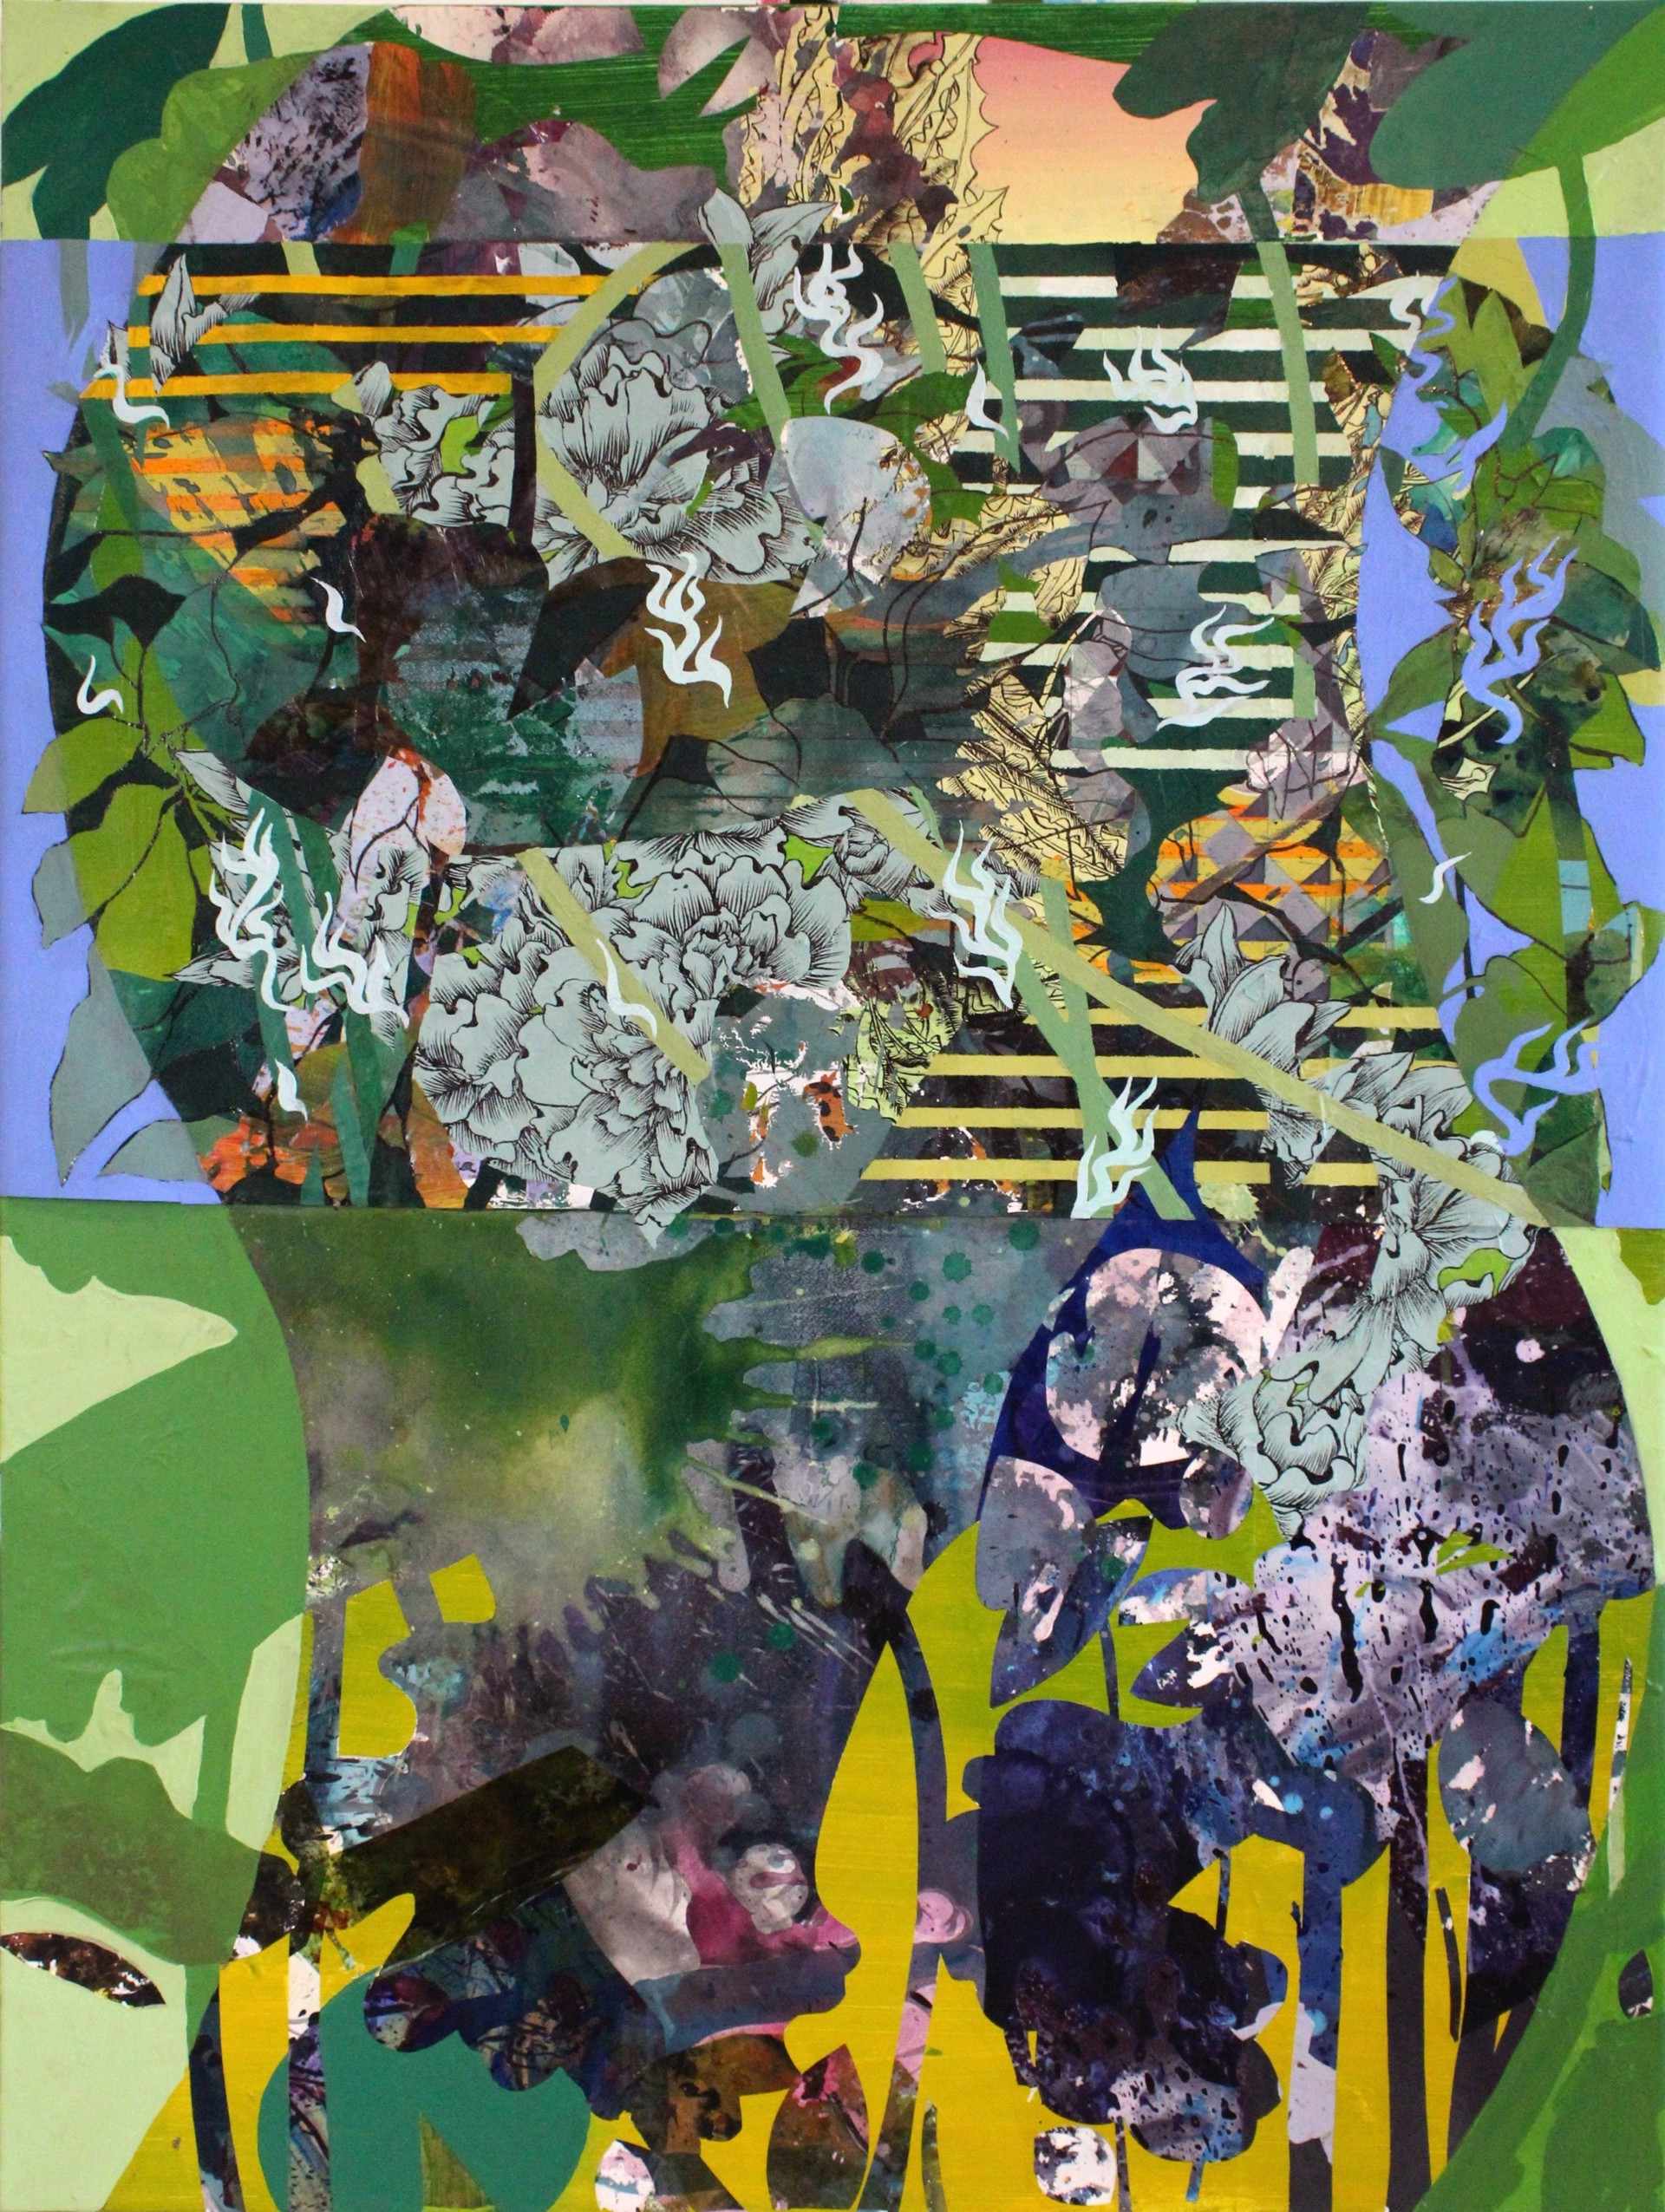 Leaves into Fish by Katherine Tzu Lan Mann